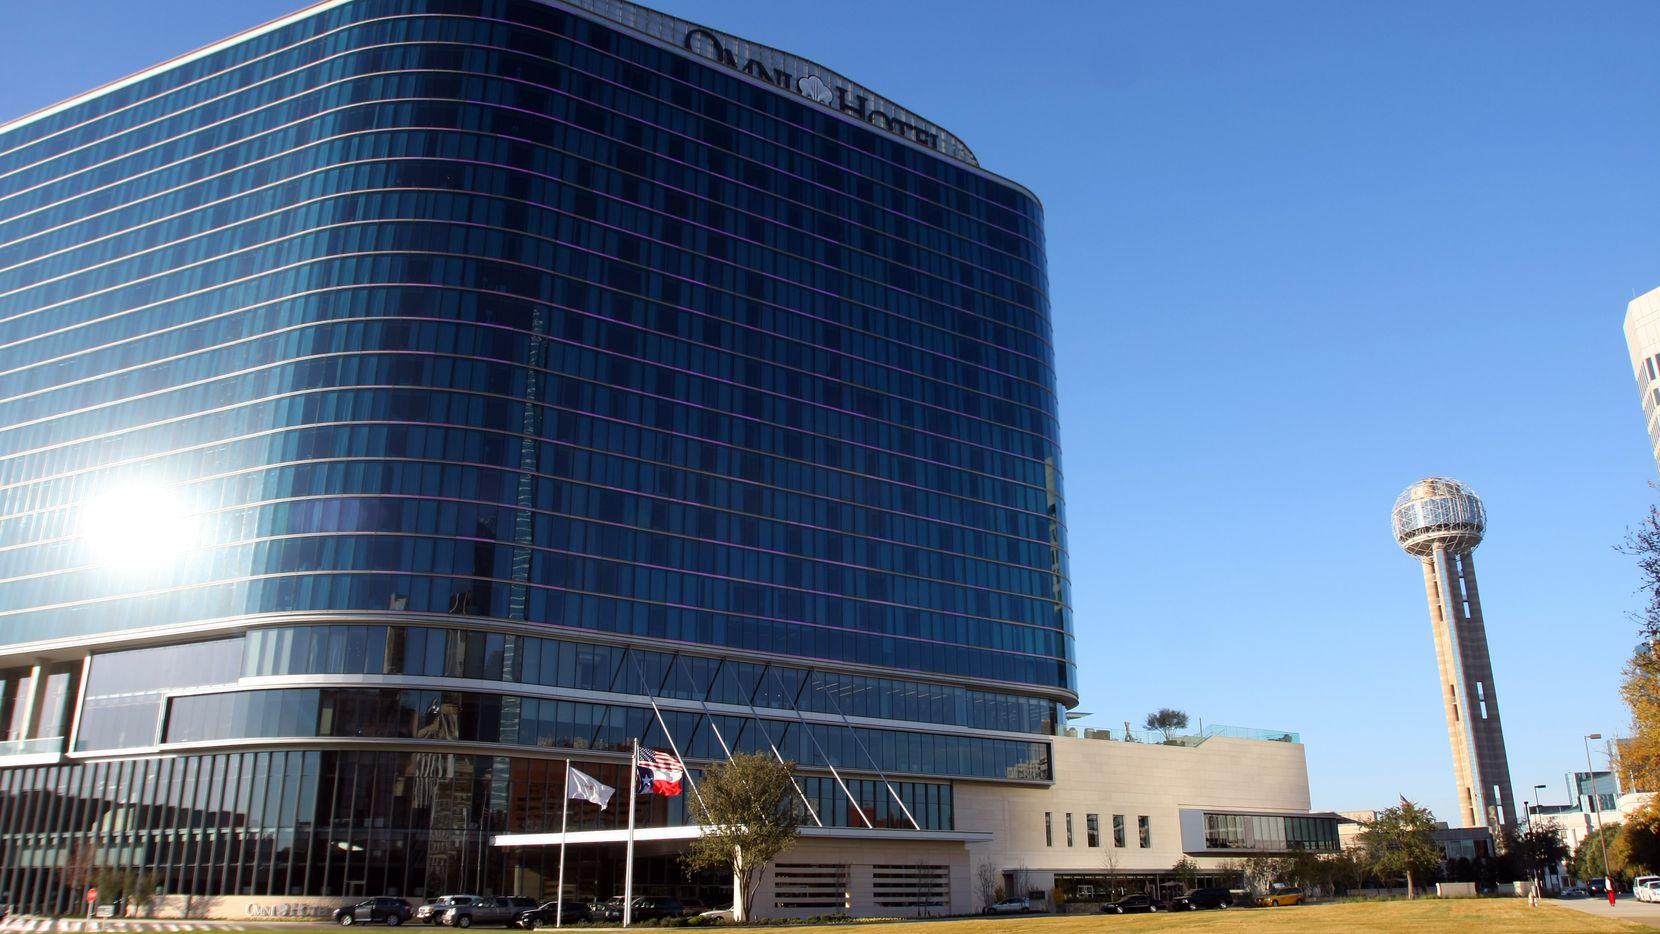 The Omni Dallas Hotel (left)